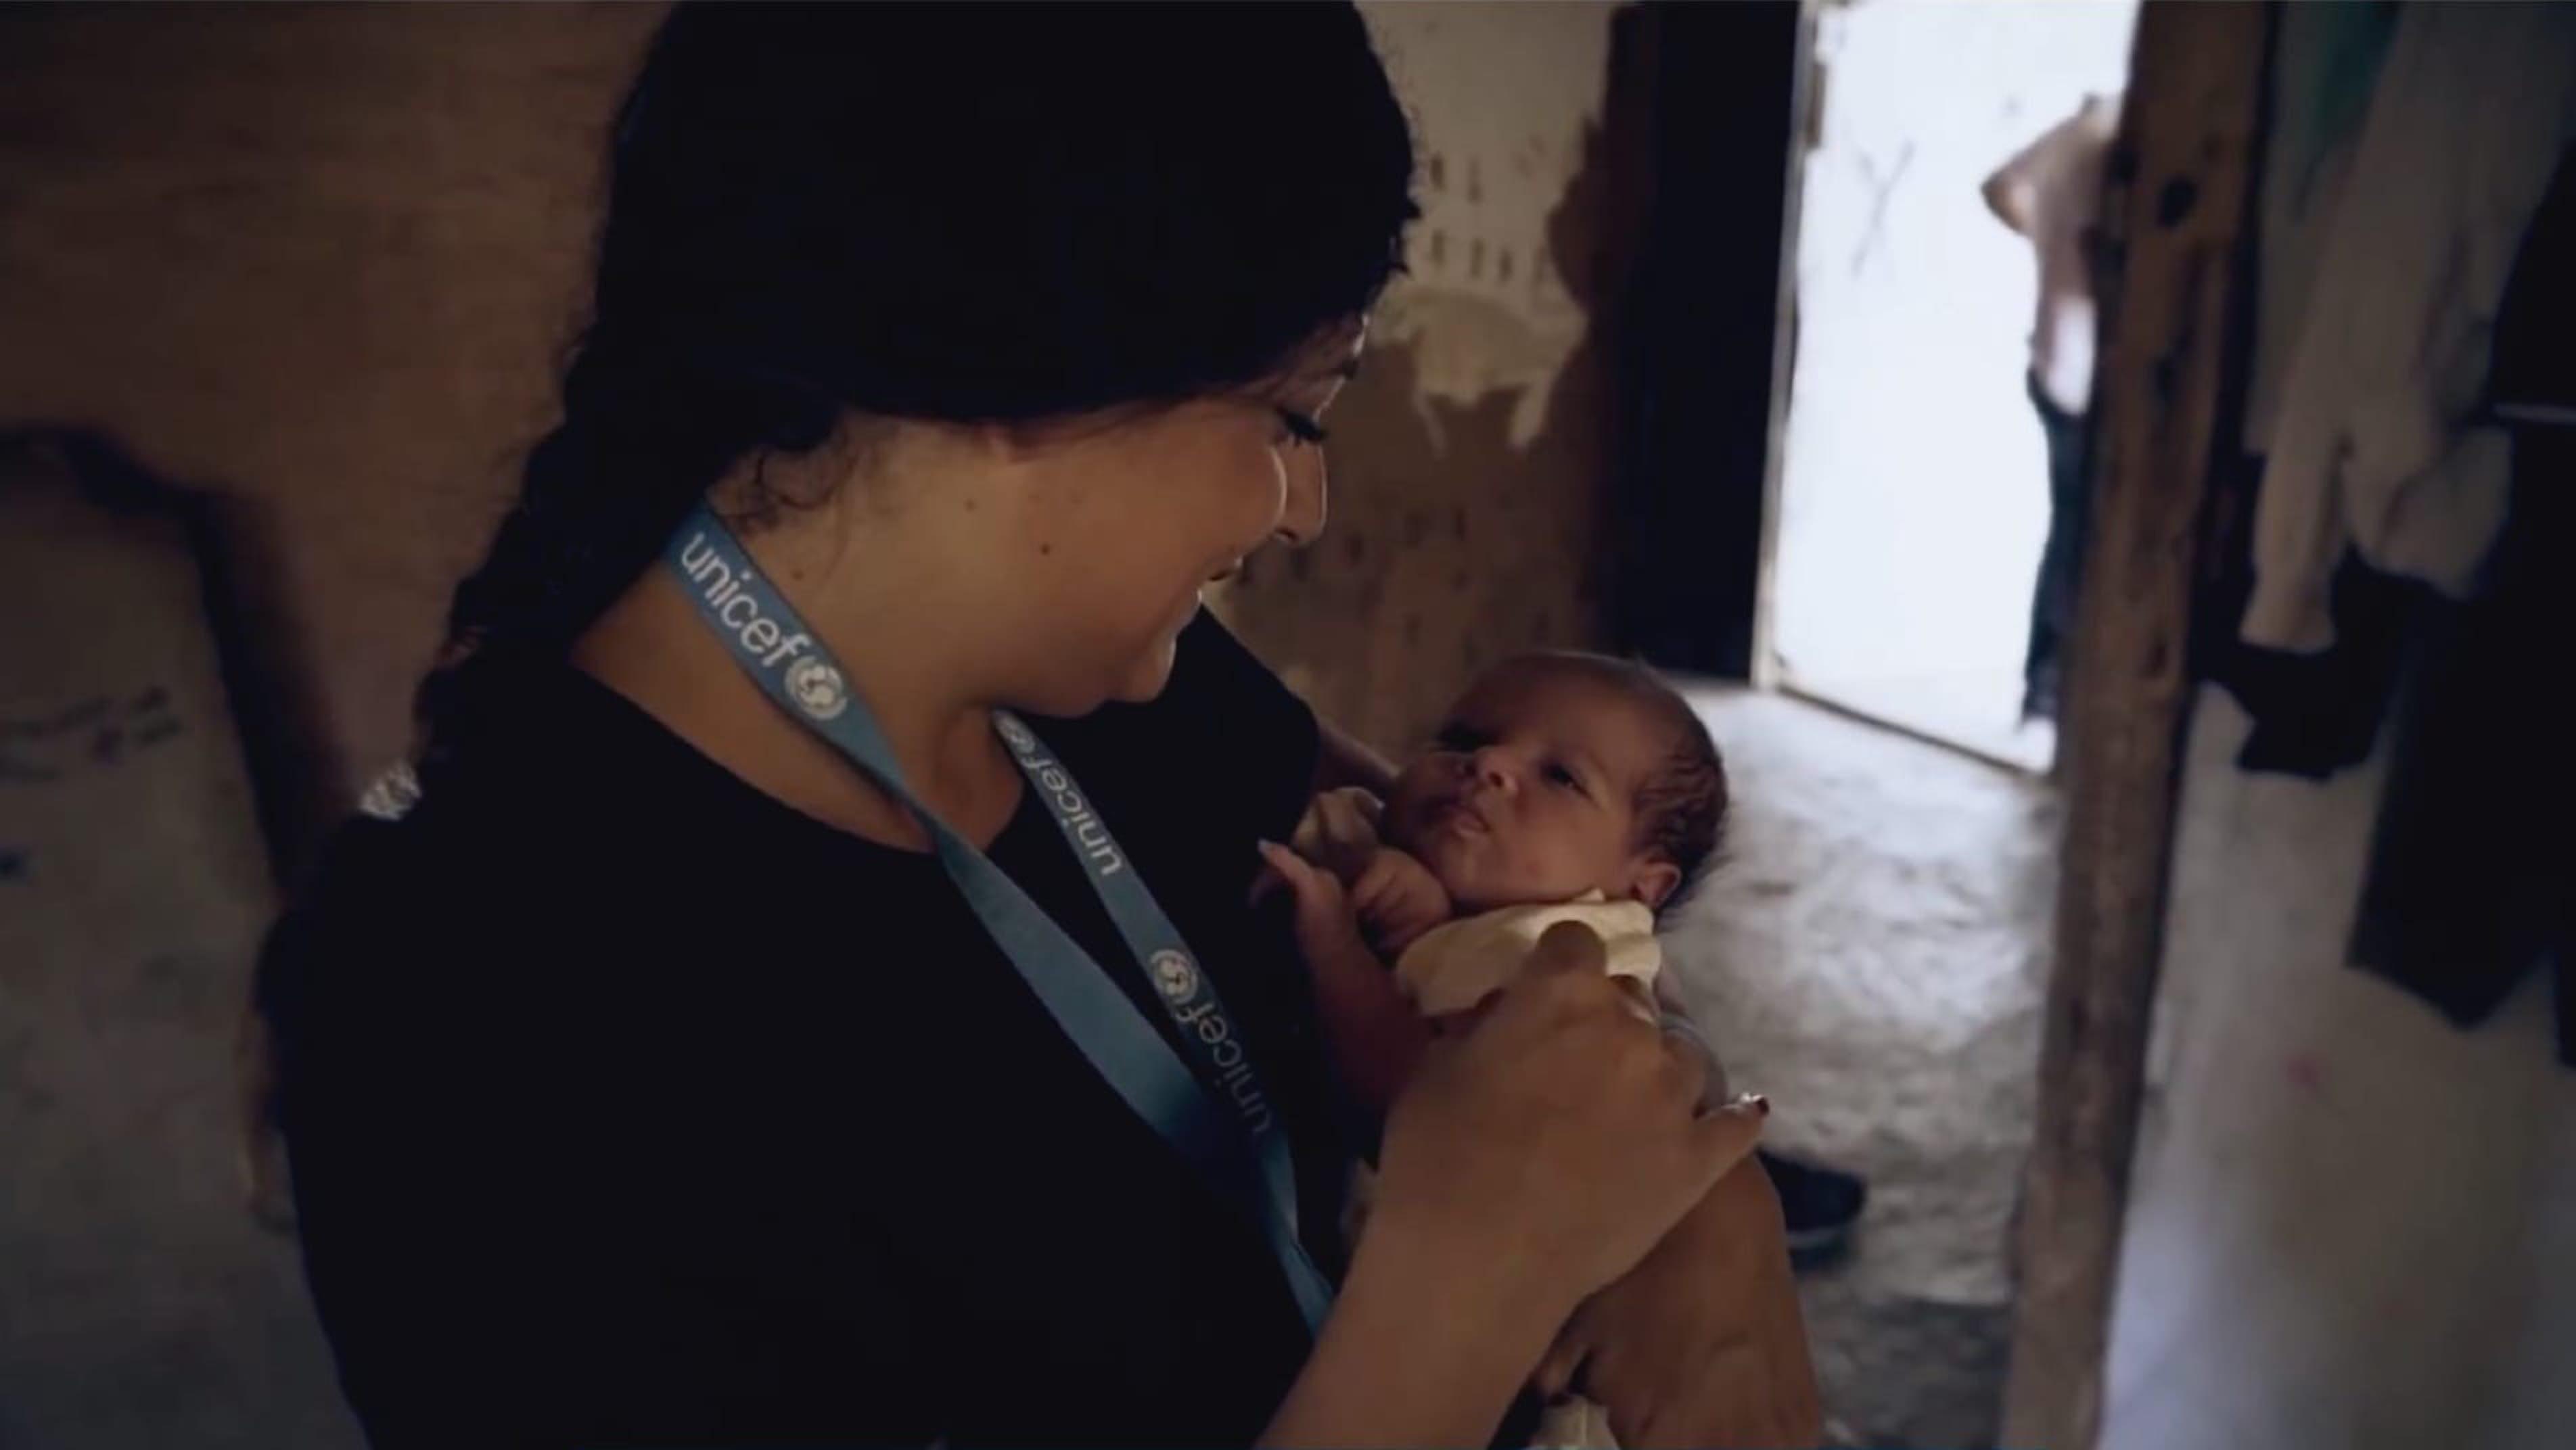 Lavorare per l'UNICEF è una scelta che ispira molte persone, volontari e professionisti in Italia e nel mondo